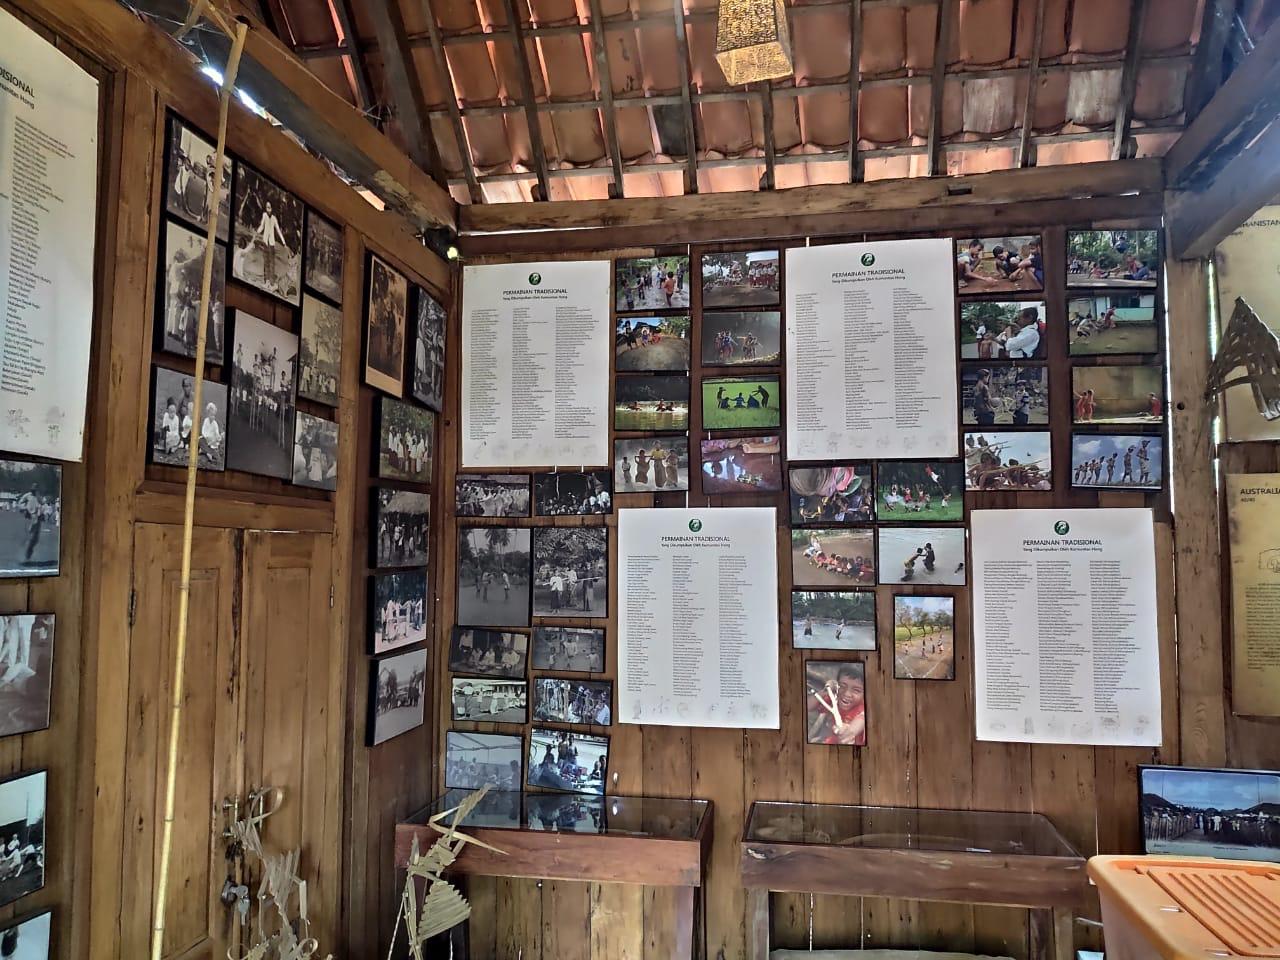 Museum Permainan Tradisional Indonesia